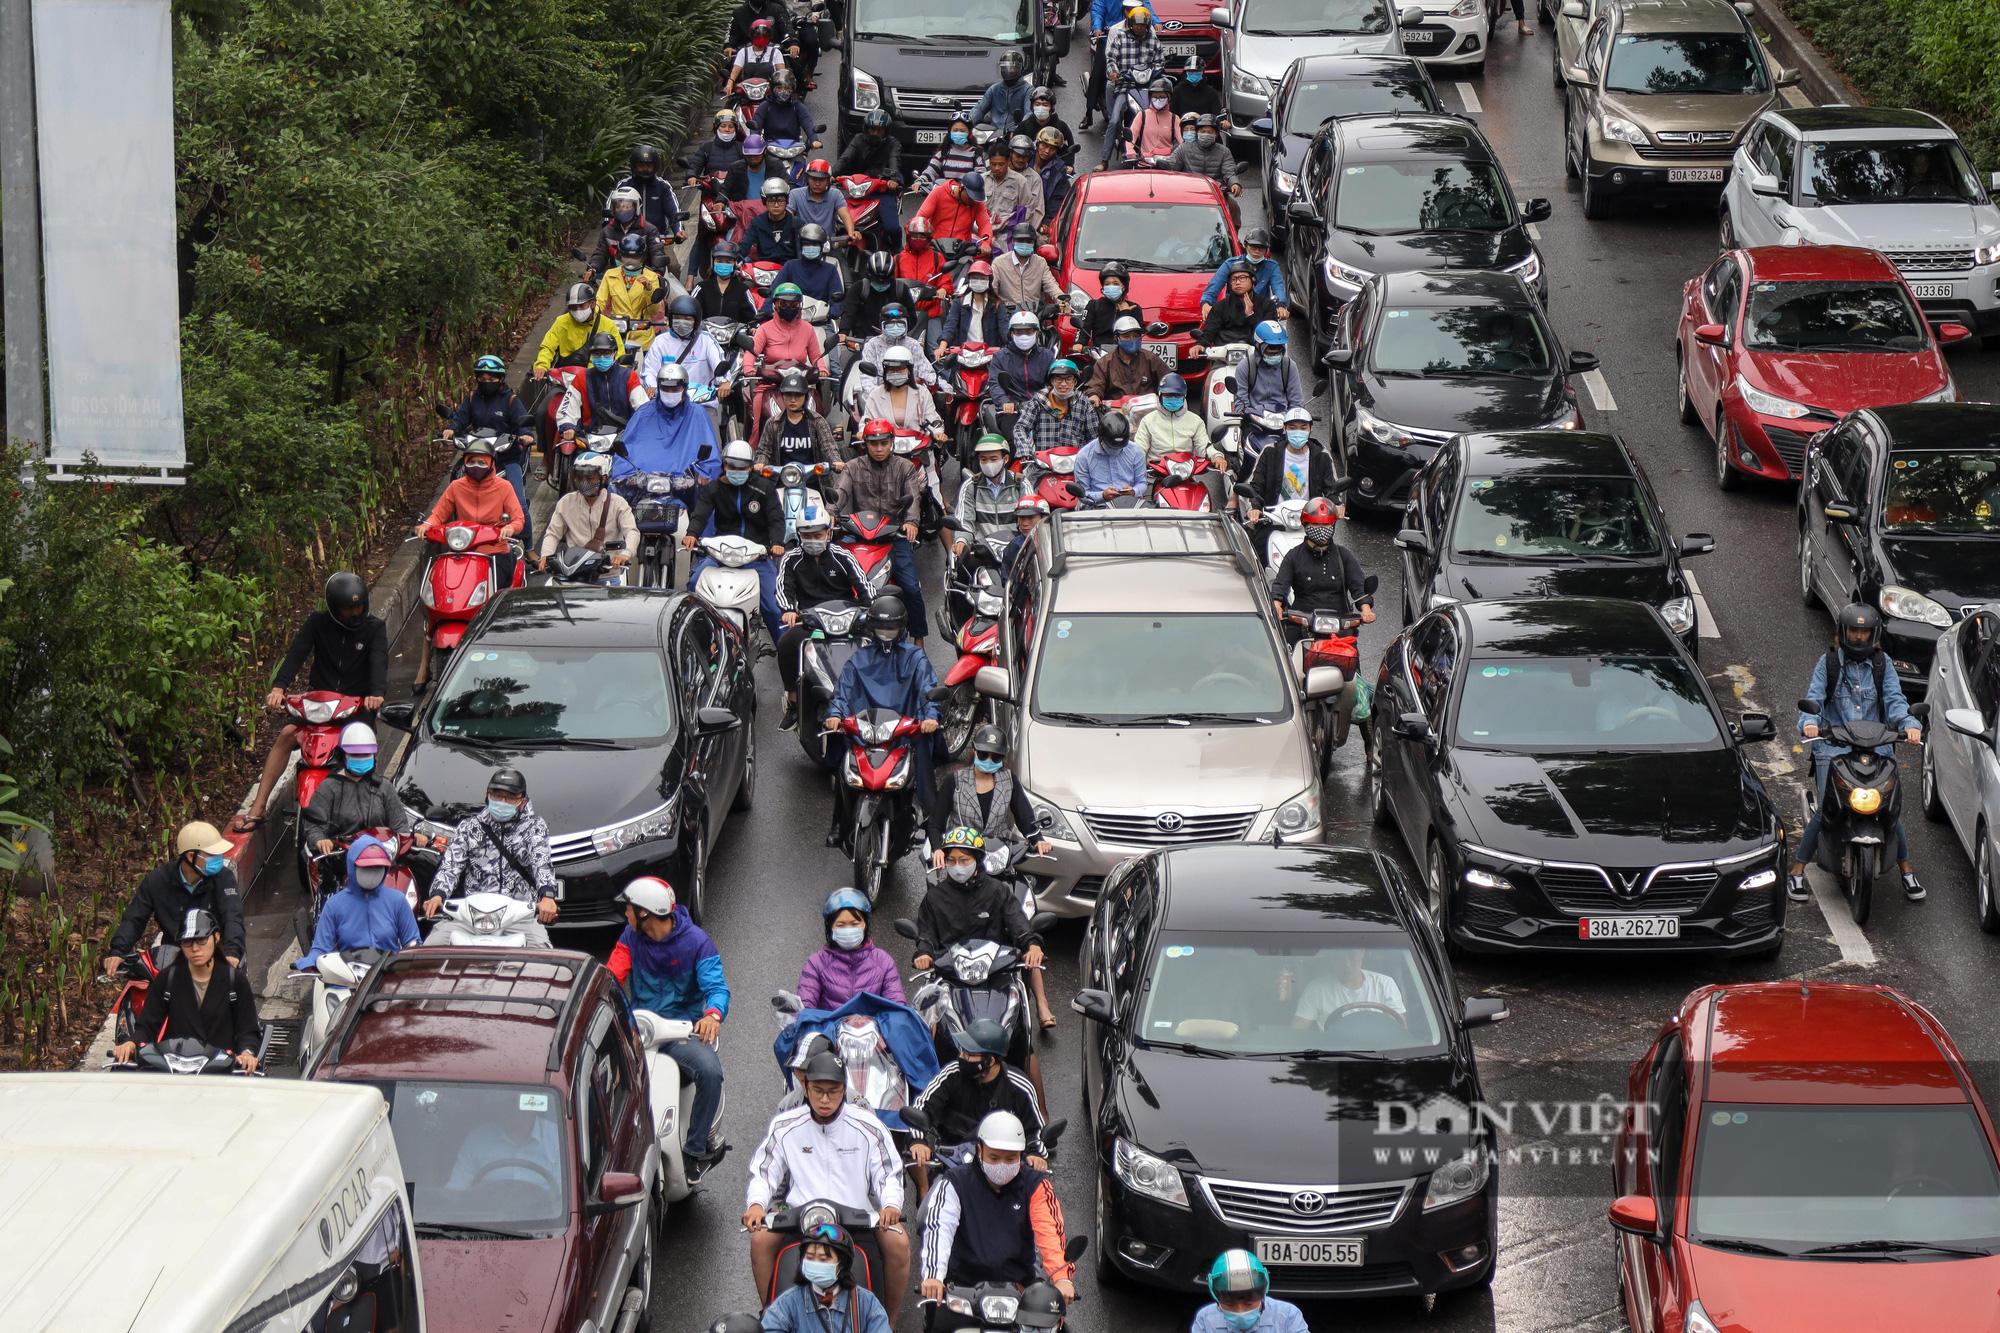 Tắc đường kinh hoàng trên địa bàn nhiều quận ở Hà Nội - Ảnh 10.